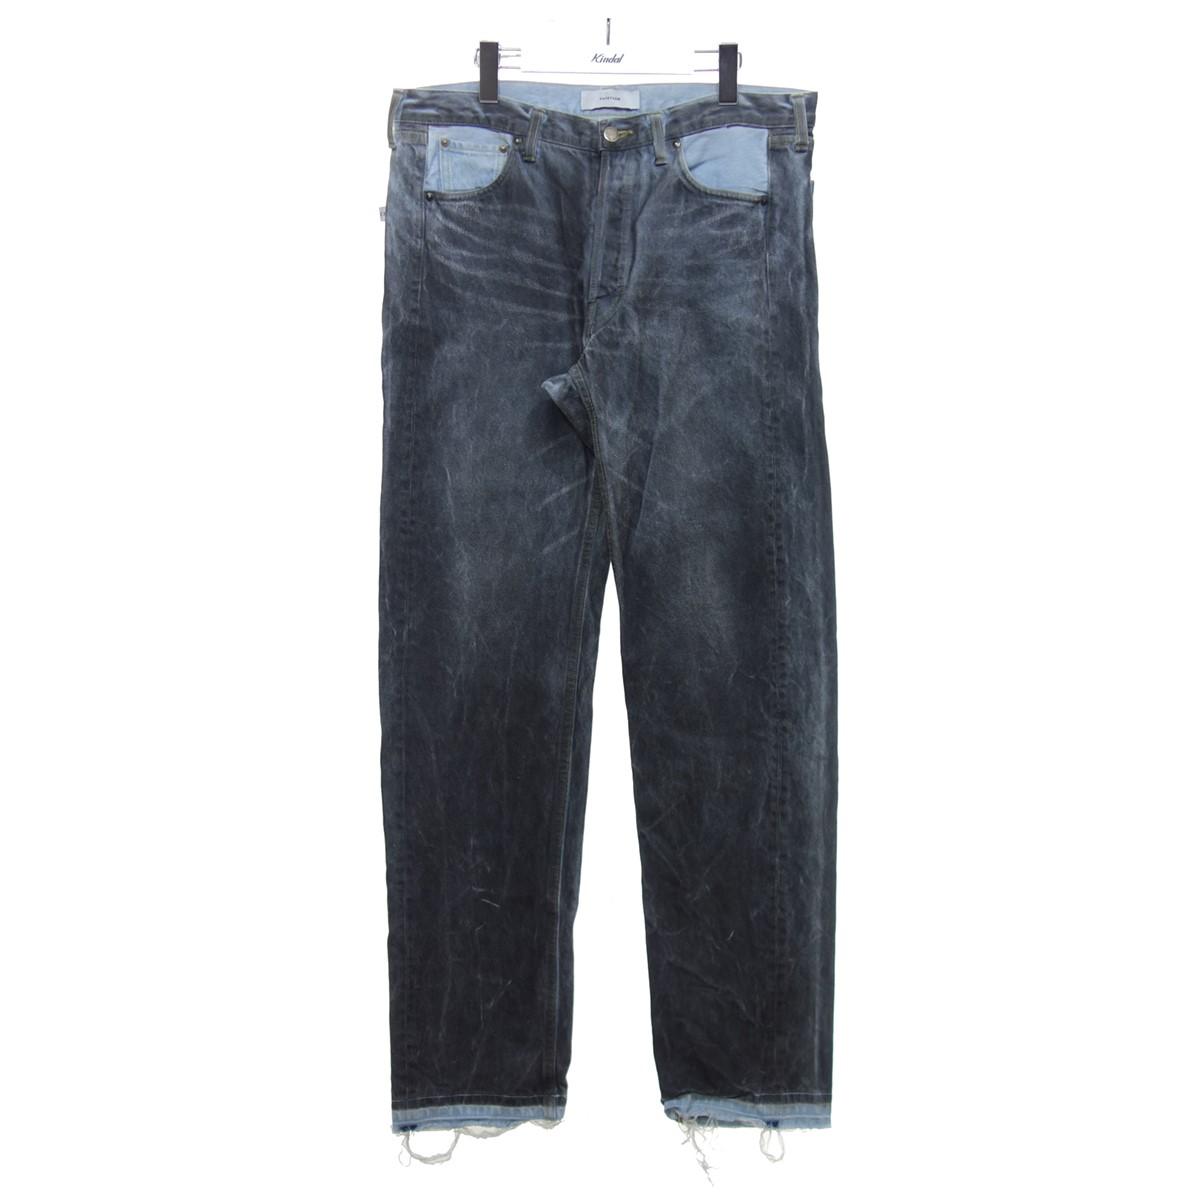 【中古】FACETASM COLOUR COATED DENIM PANTS デニムパンツ グレー×ブルー サイズ:3 【250720】(ファセッタズム)